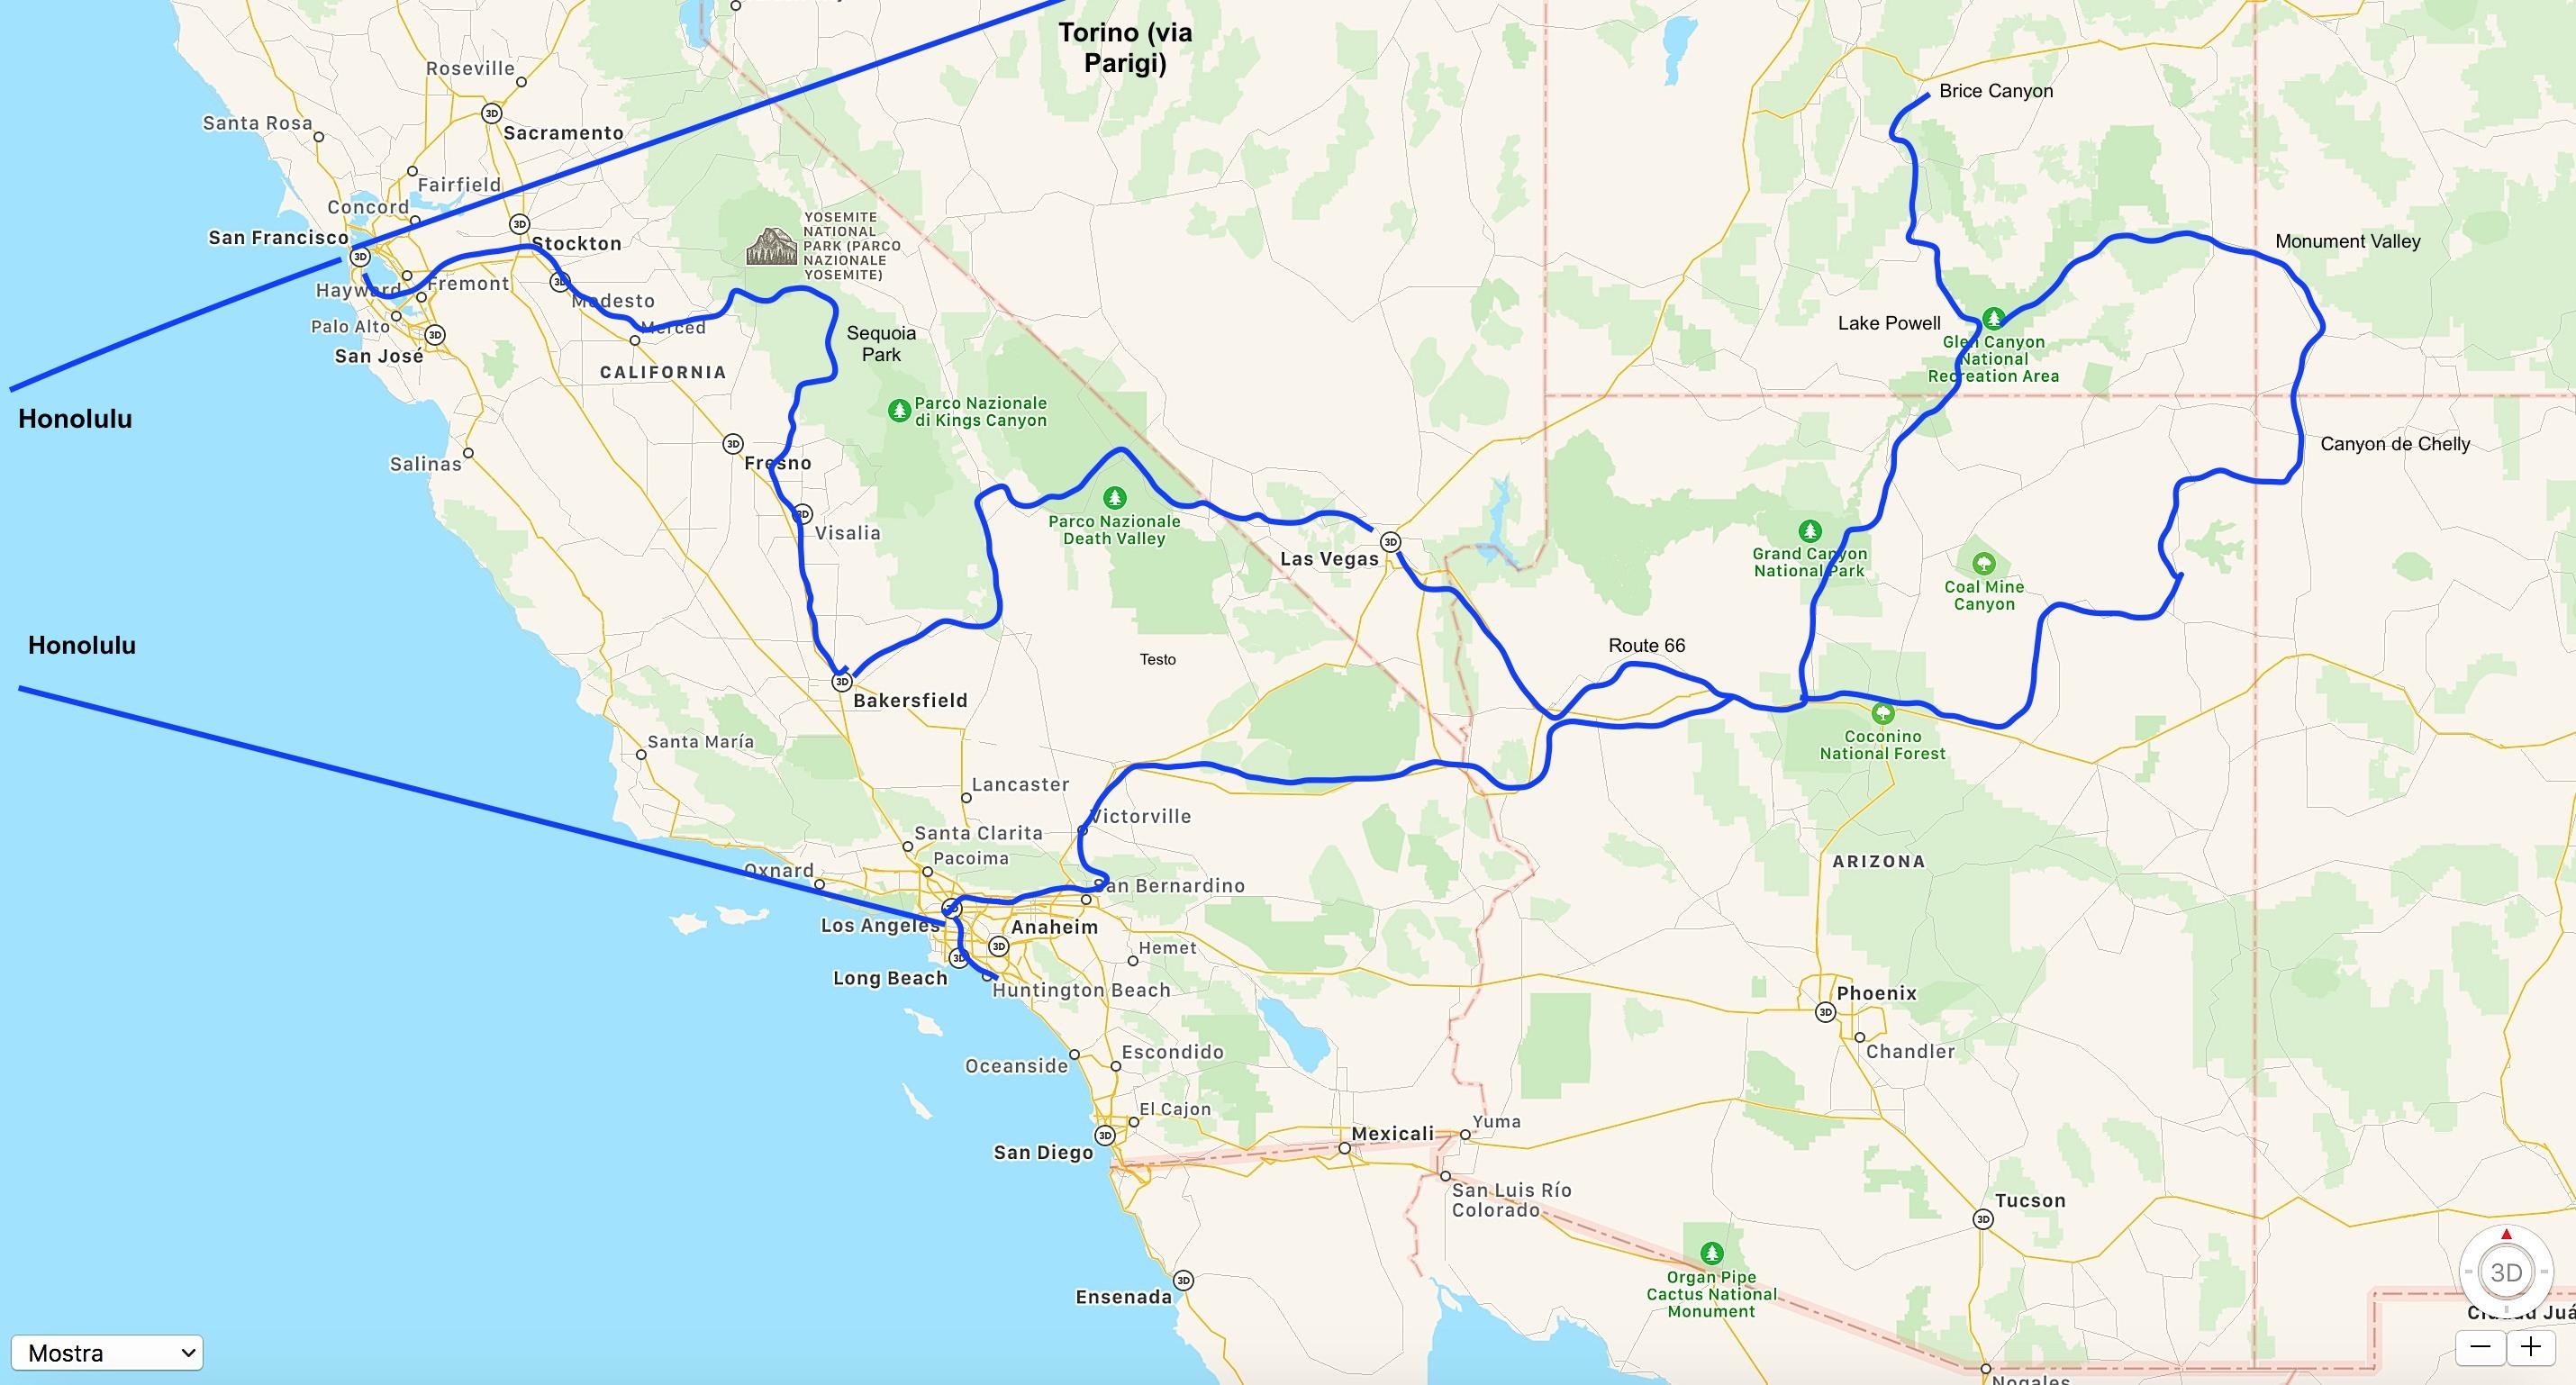 mappa viaggio in USA